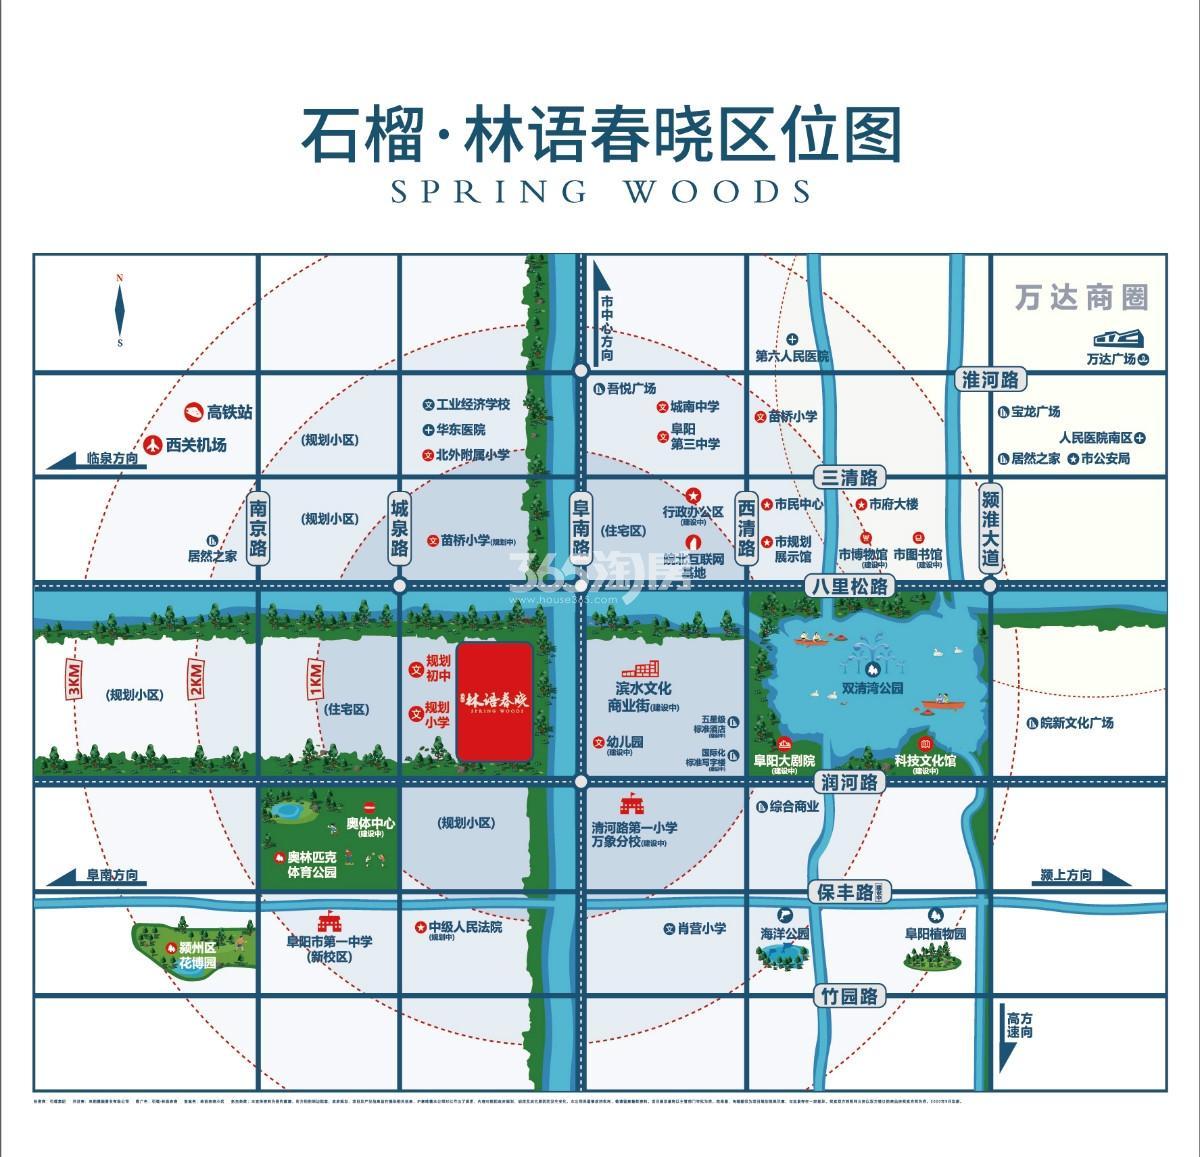 石榴·林语春晓交通图